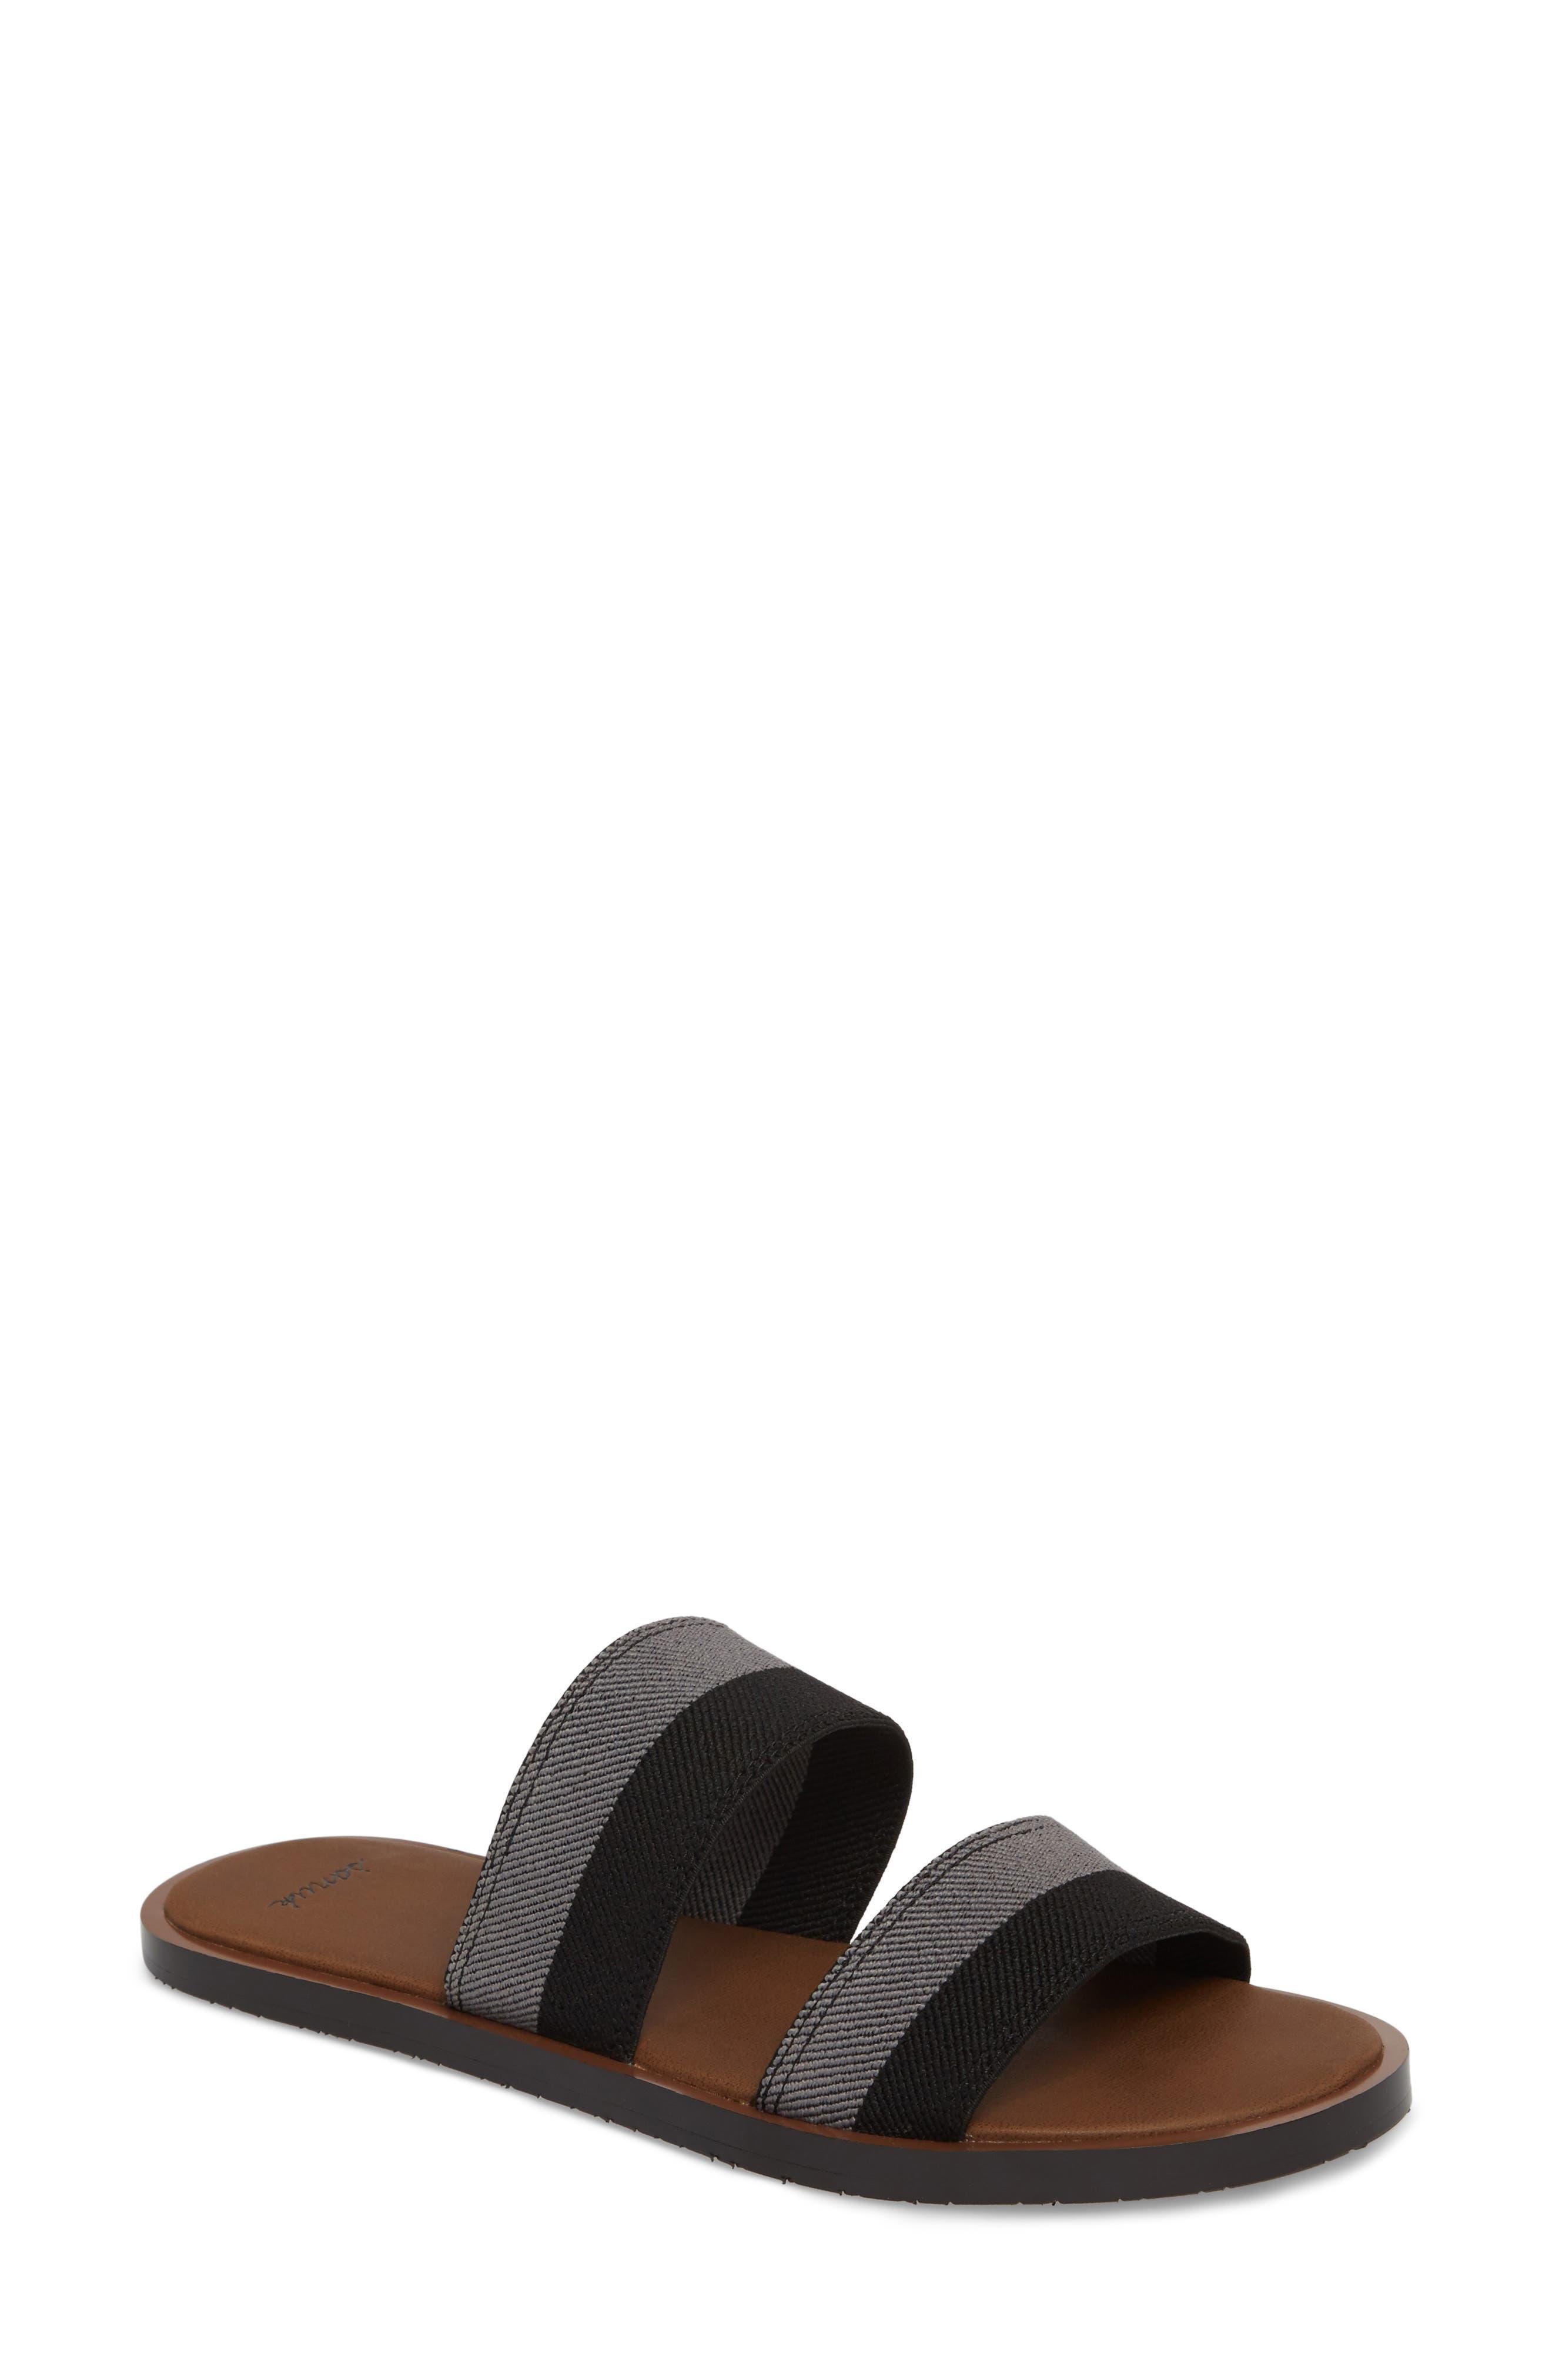 Alternate Image 1 Selected - Sanuk Yoga Gora Gora Slide Sandal (Women)